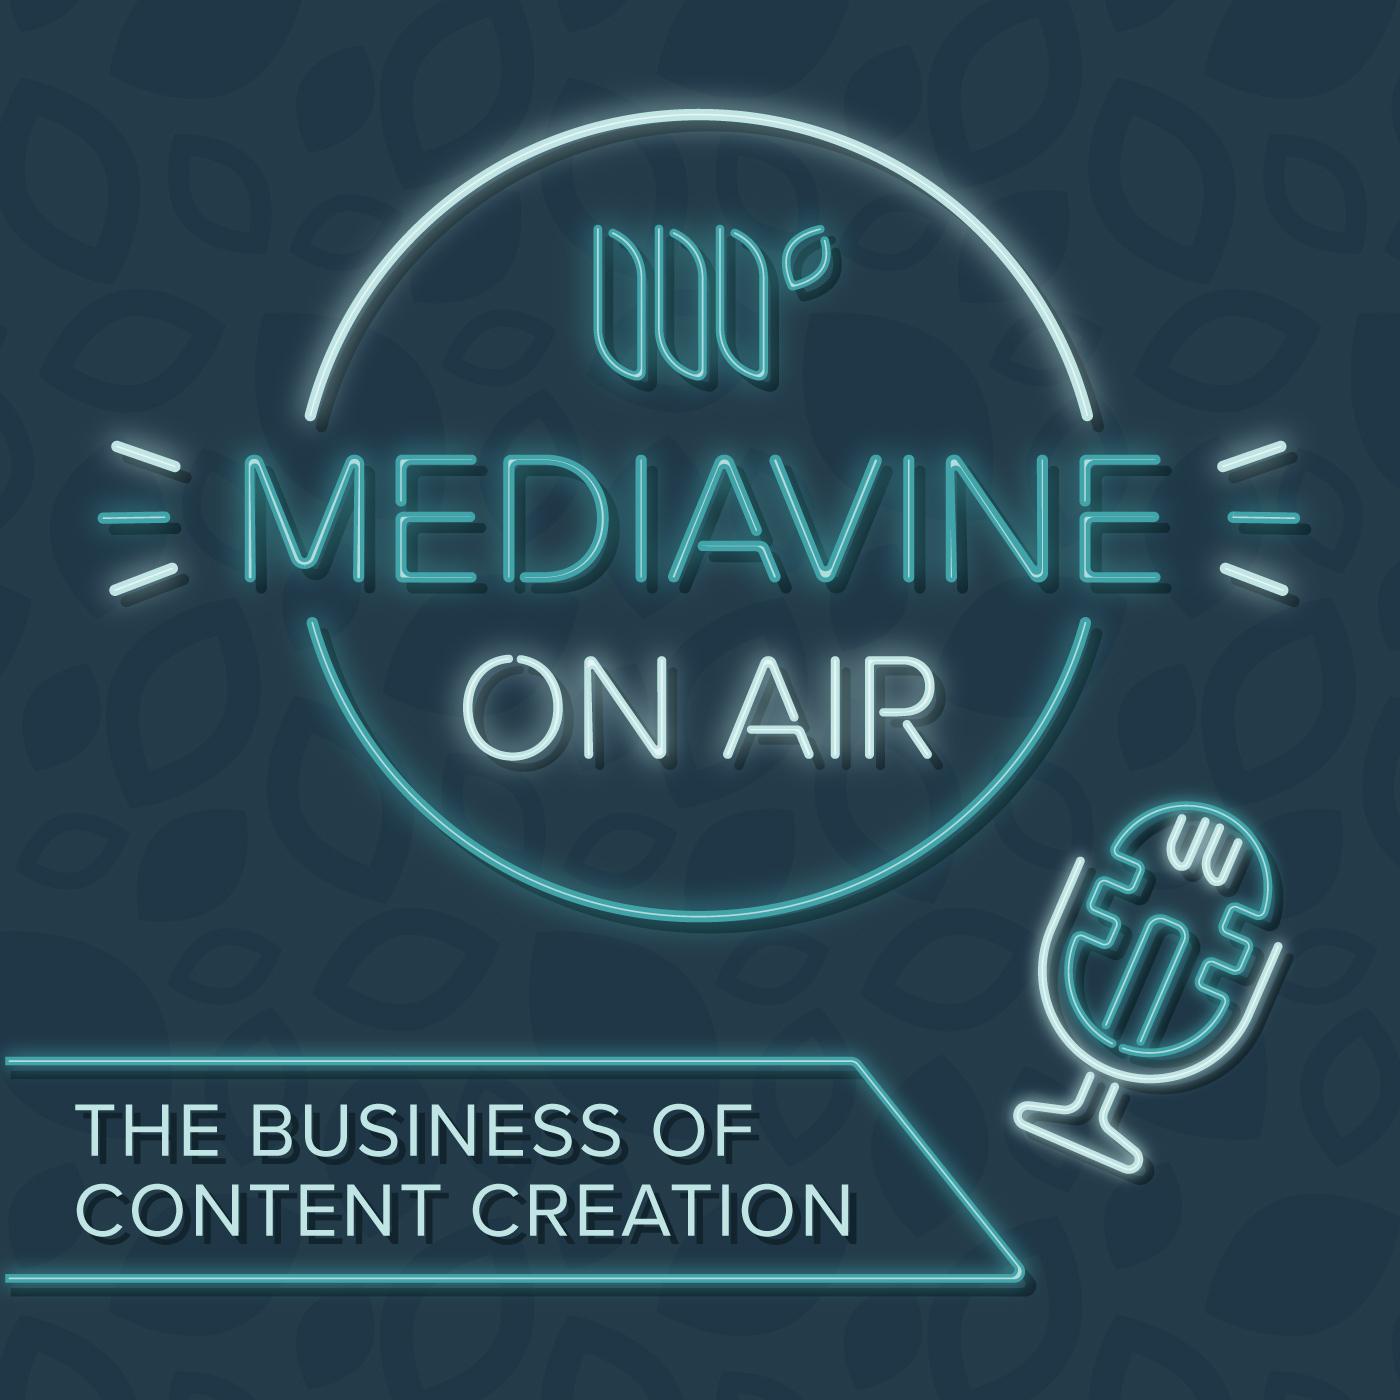 Mediavine On Air